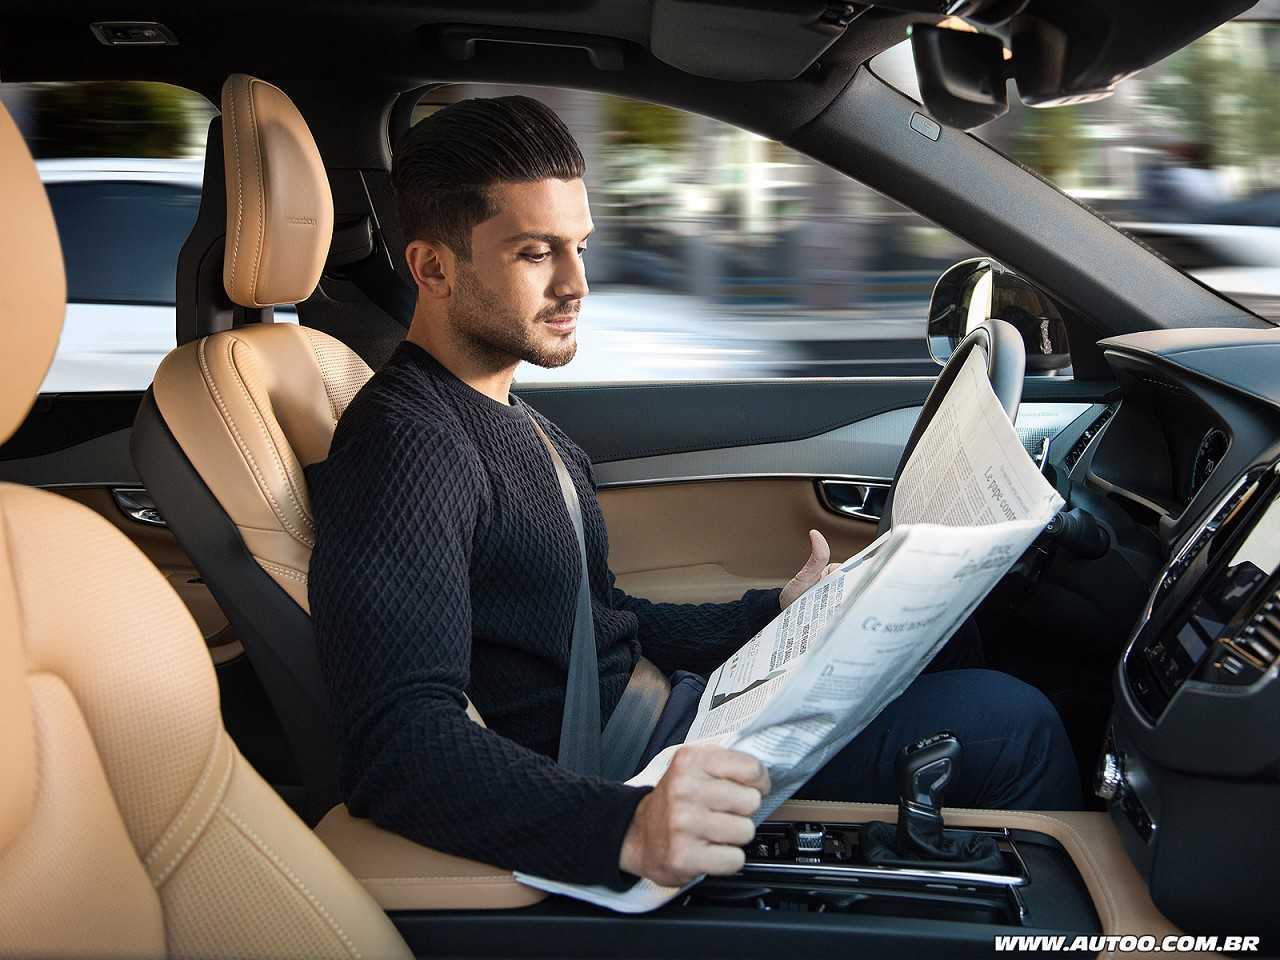 A bordo de um carro autônomo você poderá ter mais liberdade para realizar suas atividades preferidas